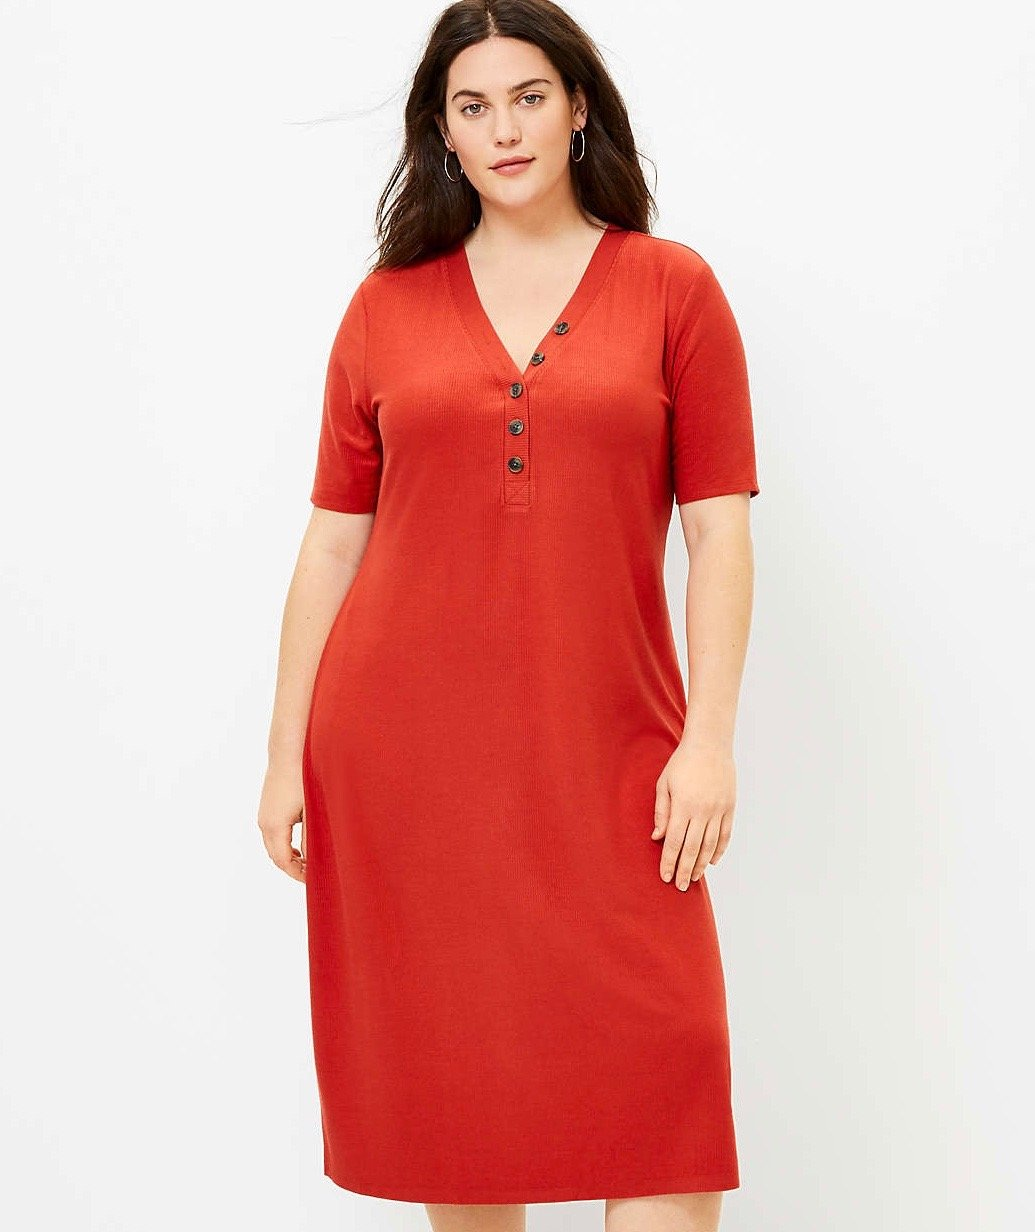 loft henley dress